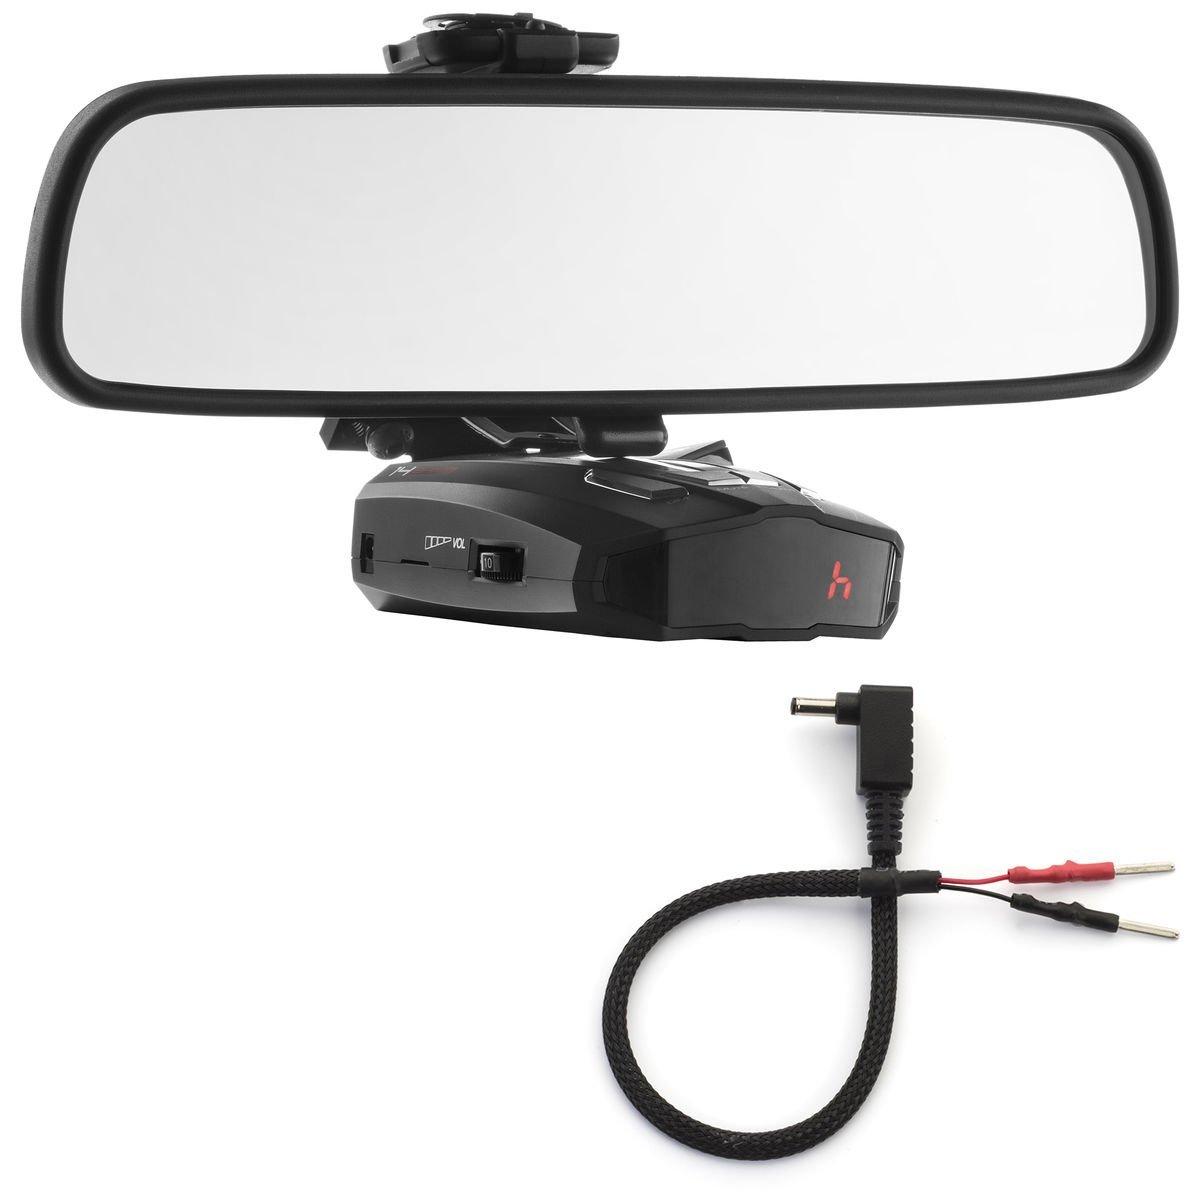 PerformancePackage espejo pantalla plana soporte de Radar Detector + Espejo Cable de alambre – Cobra Xrs ESD Vedetta: Amazon.es: Electrónica